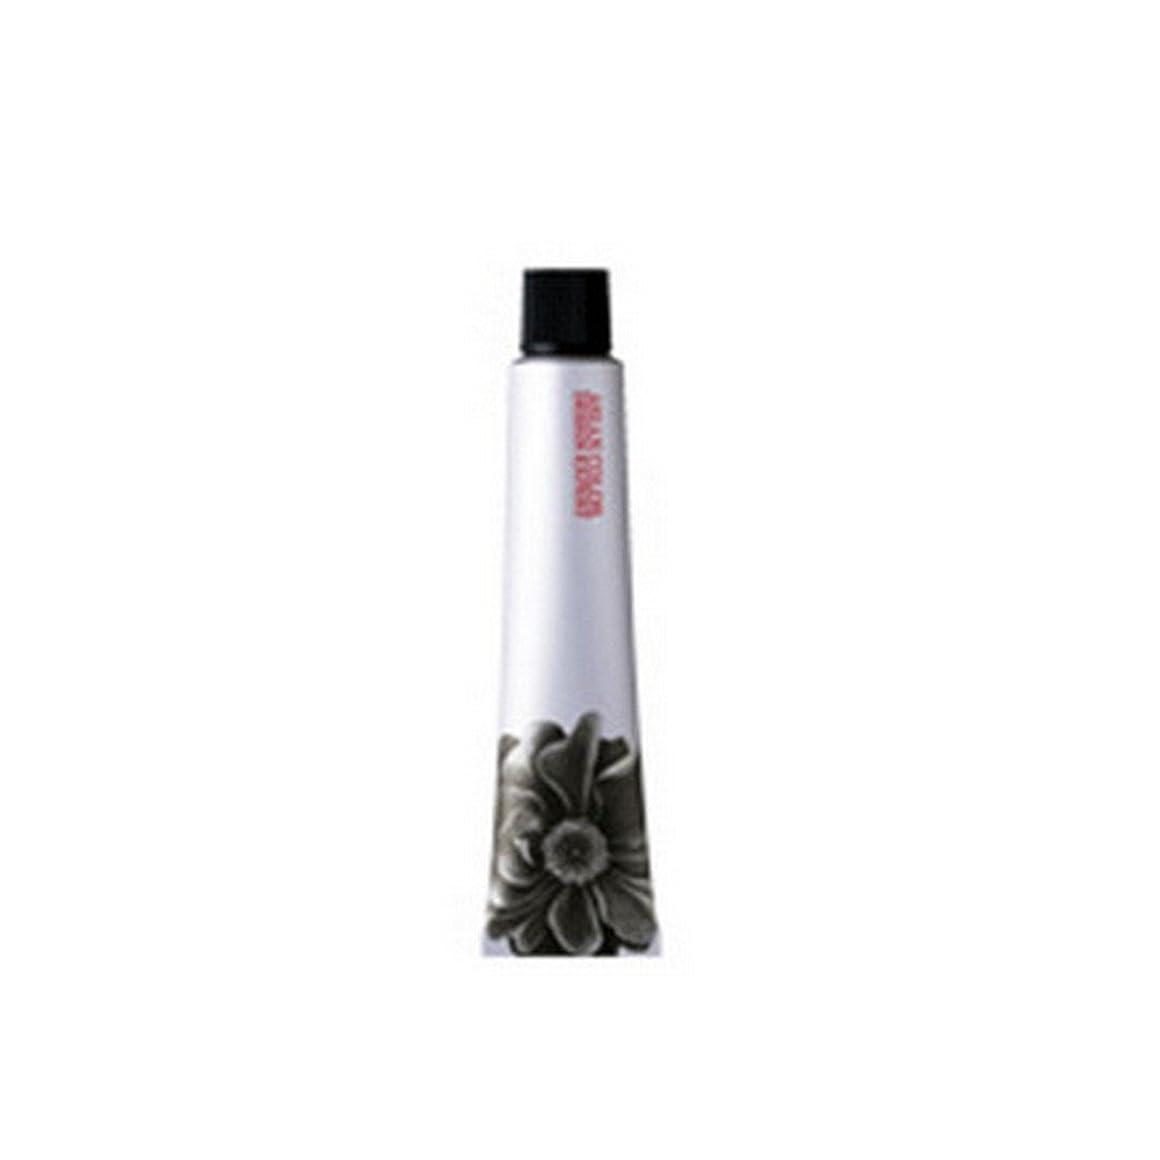 わずかなベイビーバリケードアリミノ armio アジアンカラー アルカリタイプ85g 1剤【医薬部外品】【業務用】OLIVE オリーブ 8